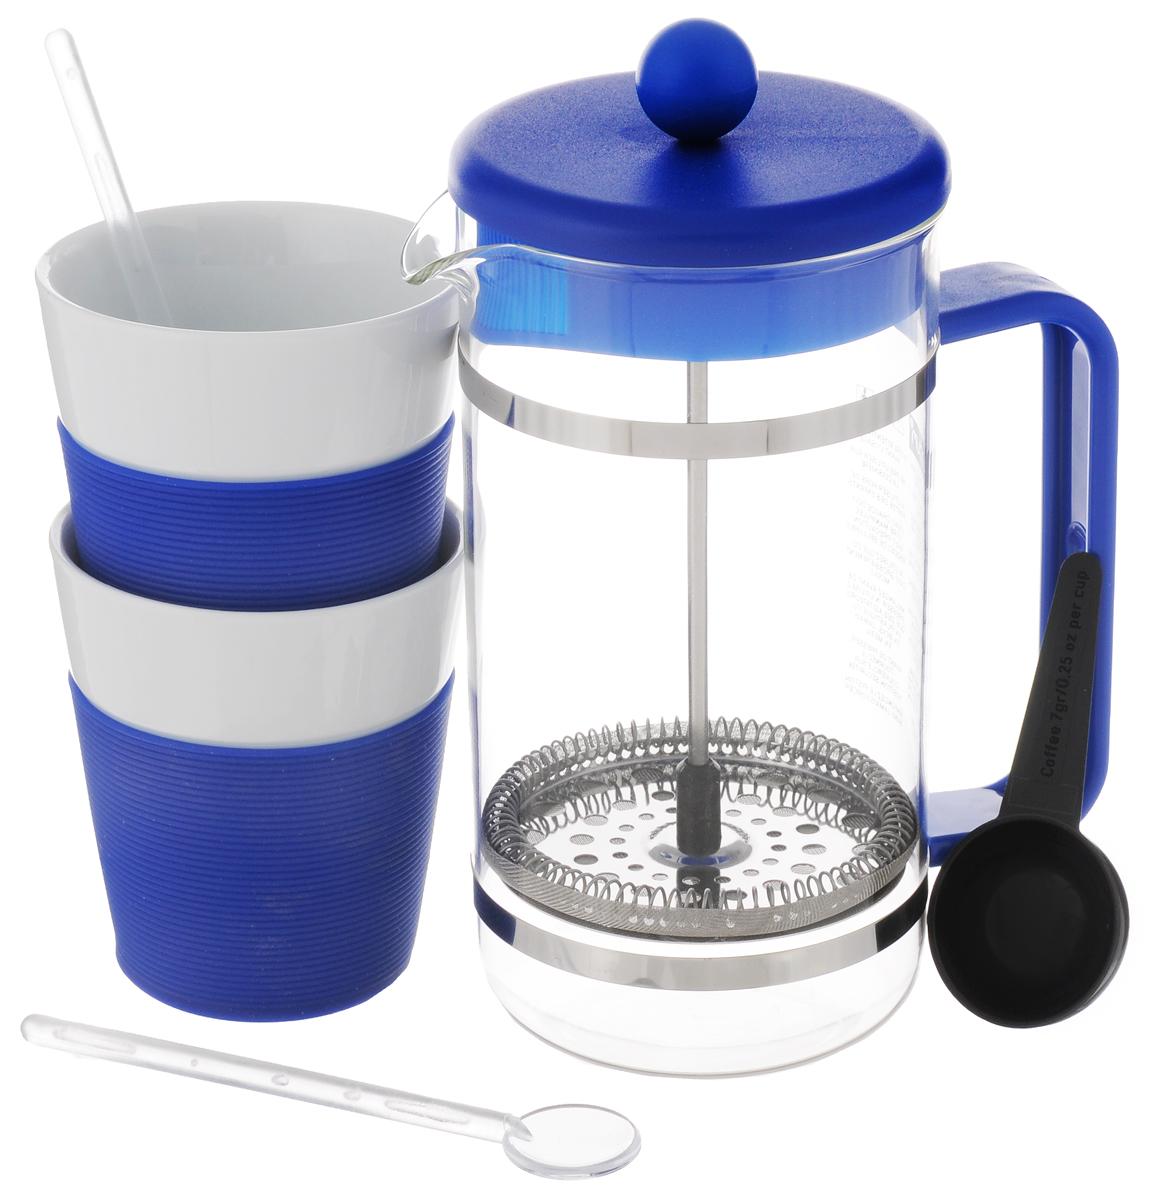 Набор кофейный Bodum Bistro, цвет: синий, белый, 5 предметов. AK1508AK1508-528-Y15Кофейный набор Bodum Bistro состоит из чайника френч-пресса, 2 стаканов и 2 ложек. Френч-пресс выполнен из высококачественного жаропрочного стекла, нержавеющей стали и пластика. Френч-пресс - это заварочный чайник, который поможет быстро приготовить вкусный и ароматный чай или кофе. Металлический нержавеющий фильтр задерживает чайные листочки и частички зерен кофе. Засыпая чайную заварку или кофе под фильтр, заливая горячей водой, вы получаете ароматный напиток с оптимальной крепостью и насыщенностью. Остановить процесс заваривания легко, для этого нужно просто опустить поршень, и все уйдет вниз, оставляя сверху напиток, готовый к употреблению. Для френч-пресса предусмотрена специальная пластиковая ложечка. Элегантные стаканы выполнены из высококачественного фарфора и оснащены резиновой вставкой, защищающей ваши руки от высоких температур. В комплекте - 2 мерные ложечки, выполненные из пластика. Яркий и стильный набор украсит стол к чаепитию и станет чудесным подарком к любому случаю. Изделия можно мыть в посудомоечной машине.Объем френч-пресса: 1 л. Диаметр френч-пресса (по верхнему краю): 10 см. Высота френч-пресса: 21,5 см. Объем стакана: 300 мл. Диаметр стакана по верхнему краю: 8,5 см. Высота стакана: 10 см. Длина глубокой ложечки: 10 см.Длина ложечек: 14 см.